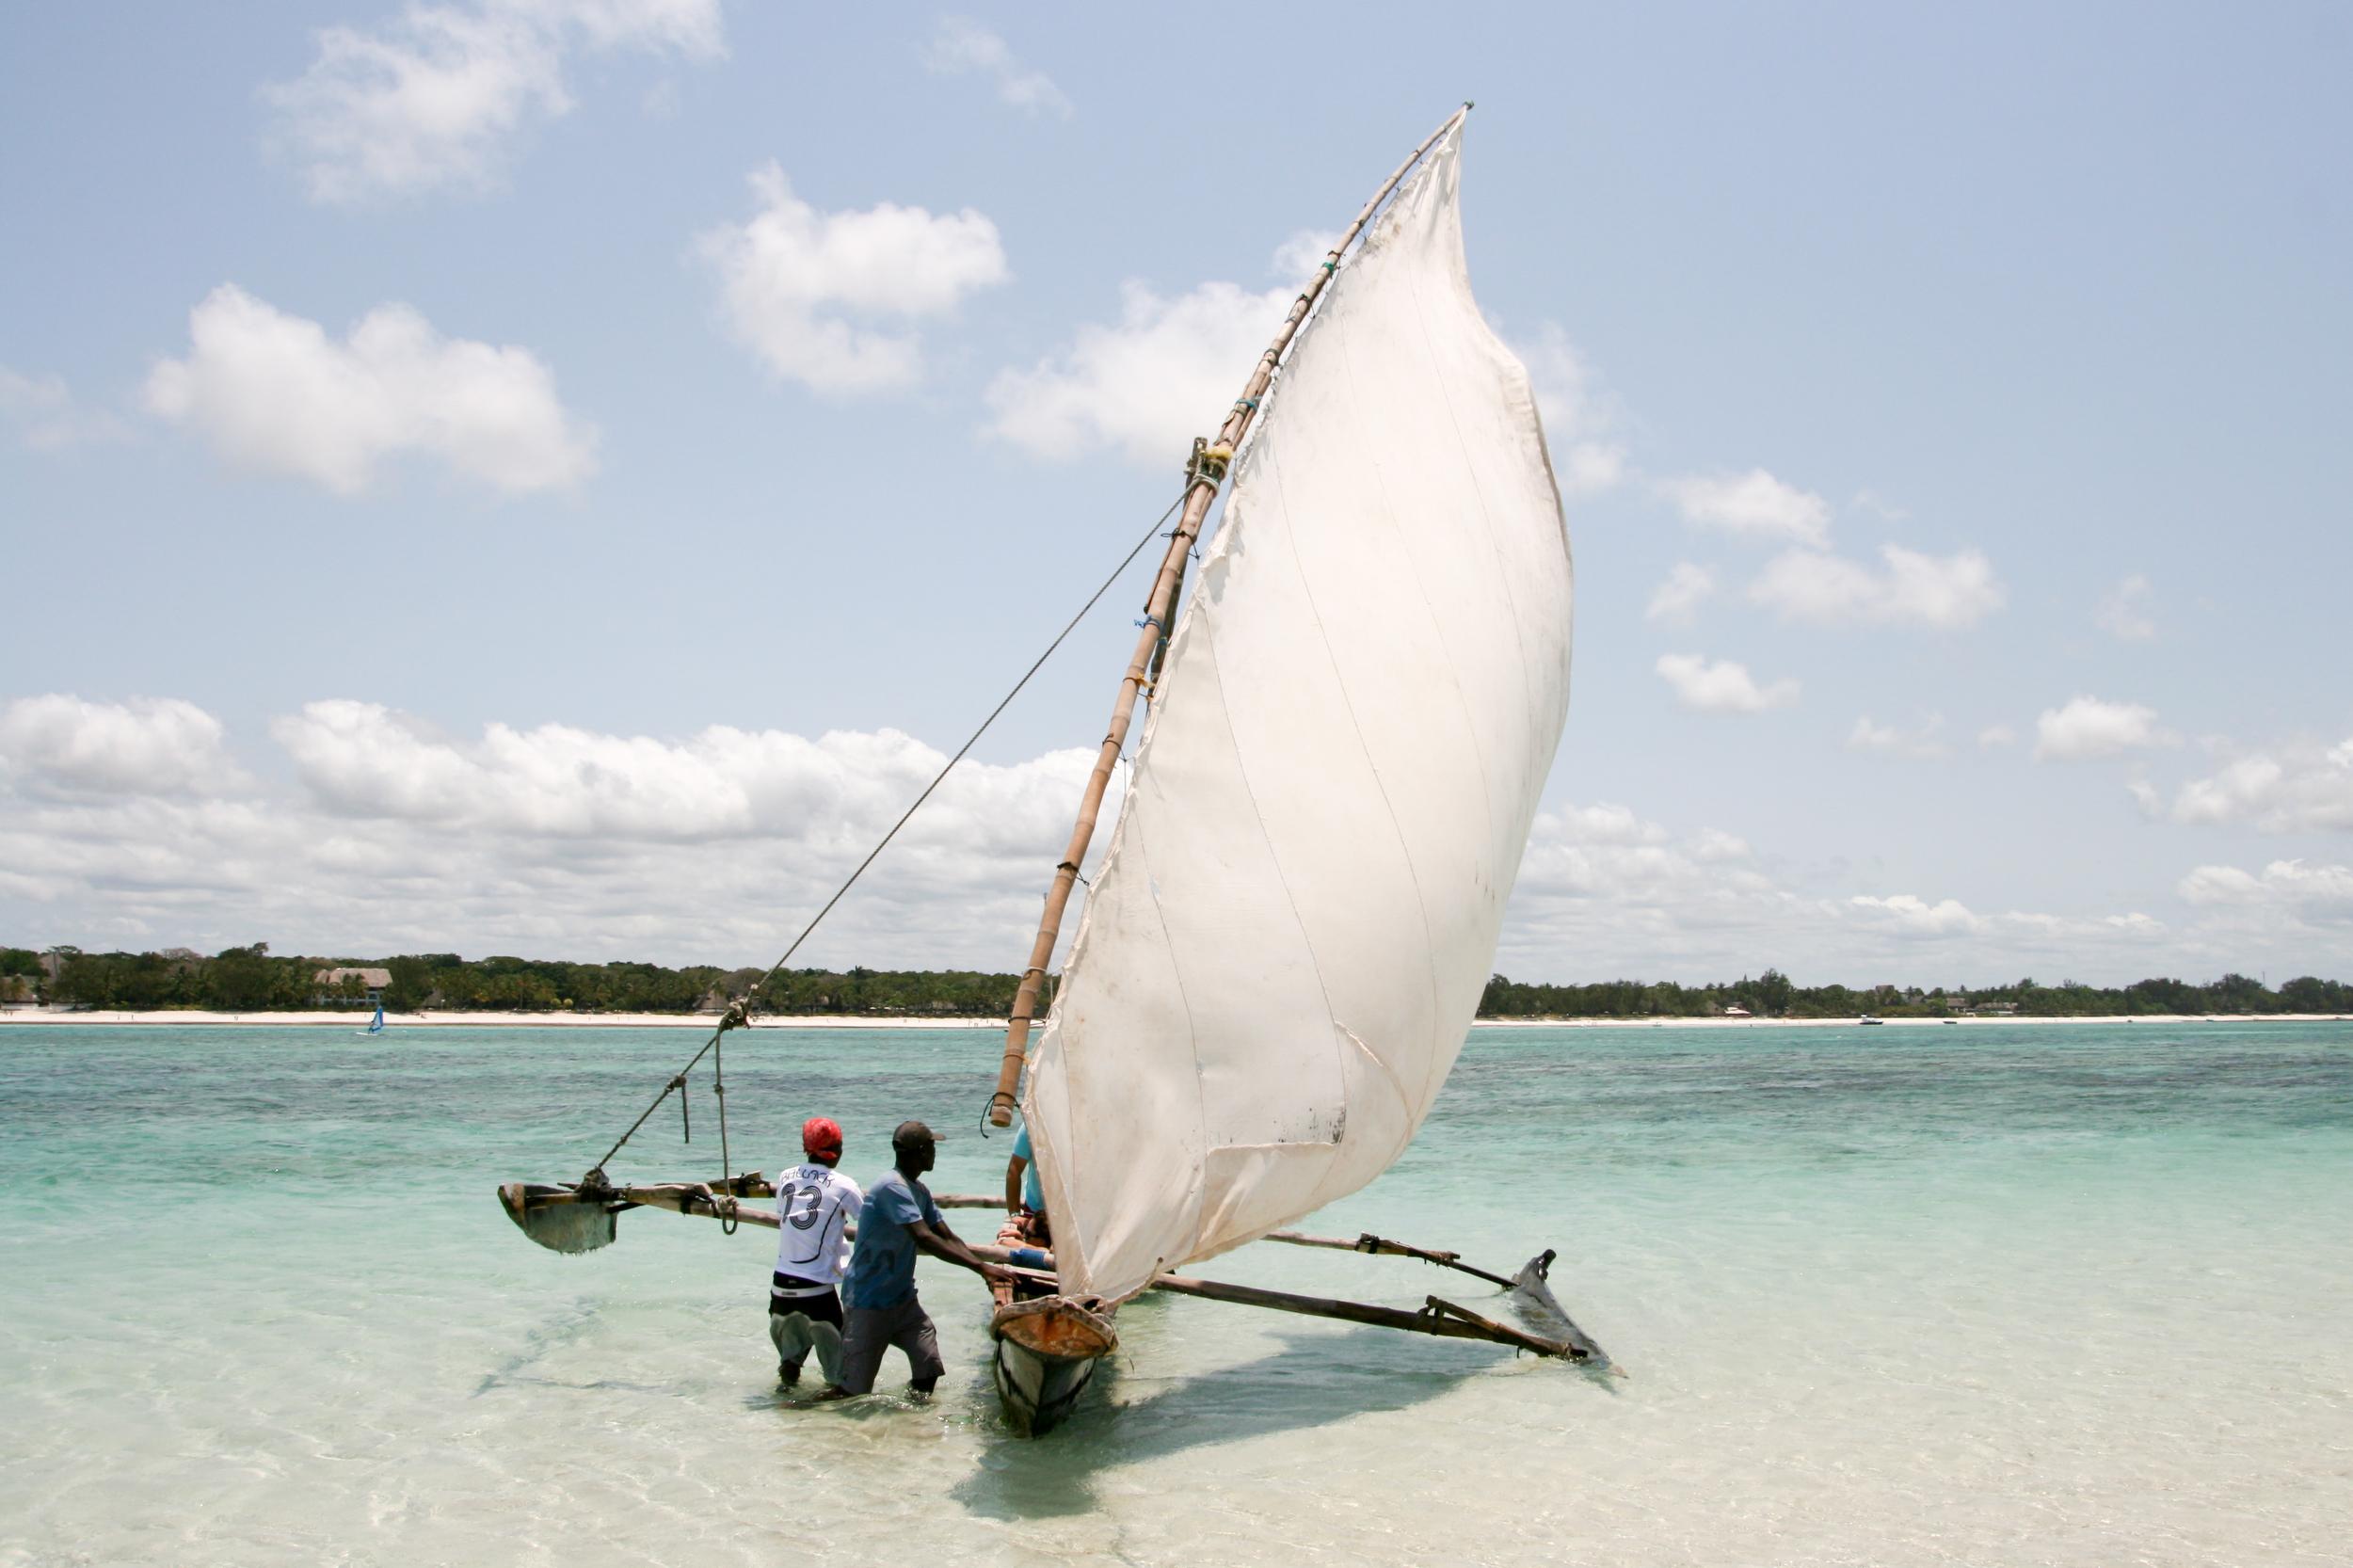 Outrigger_canoe_in_Kenya.jpg